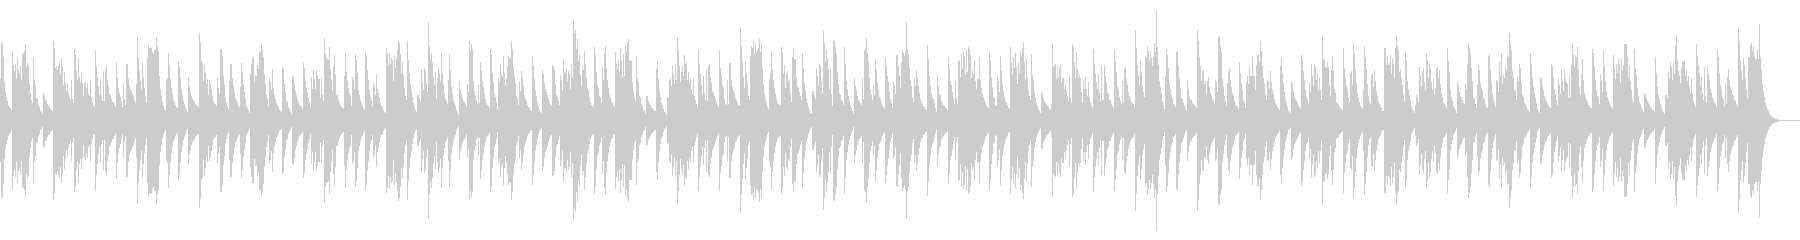 グノシエンヌ No.5_オルゴールverの未再生の波形